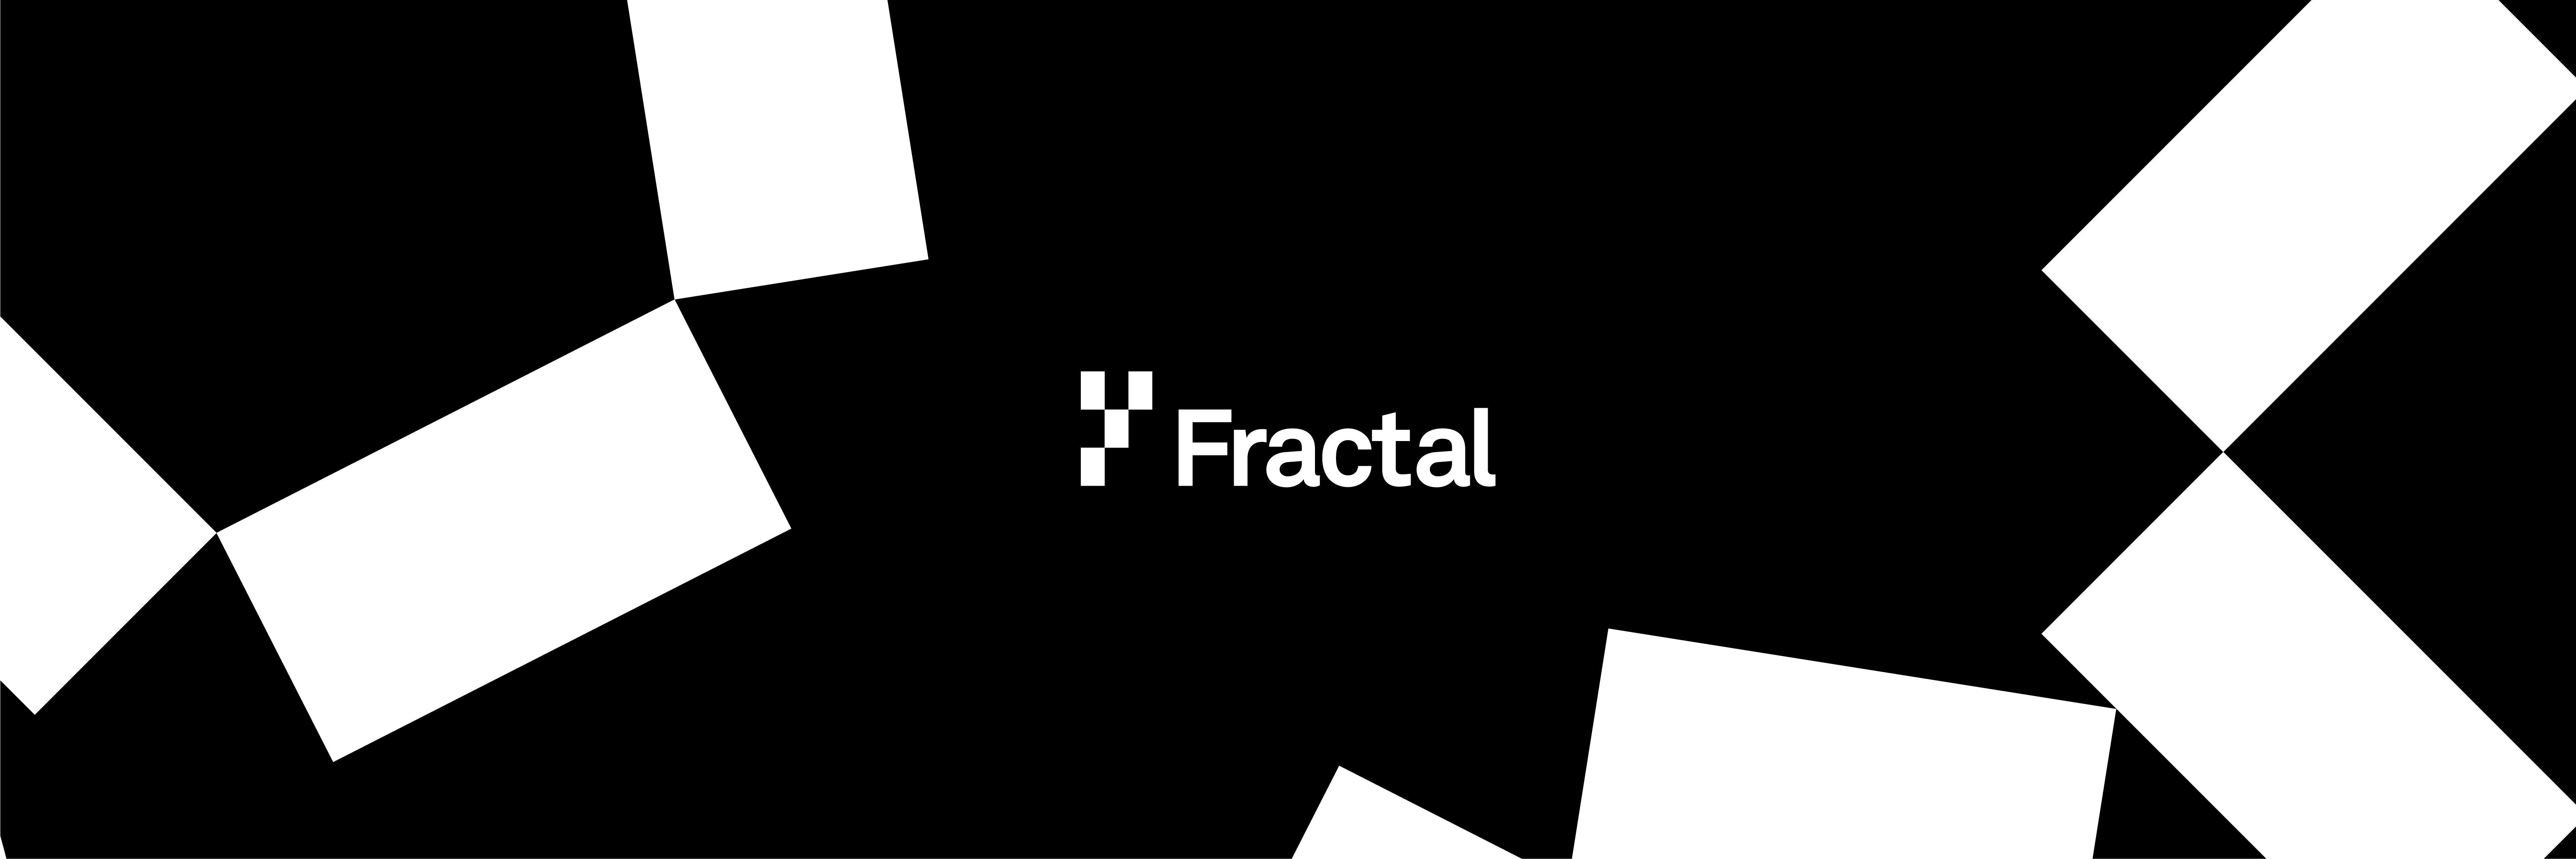 Fractal showcase